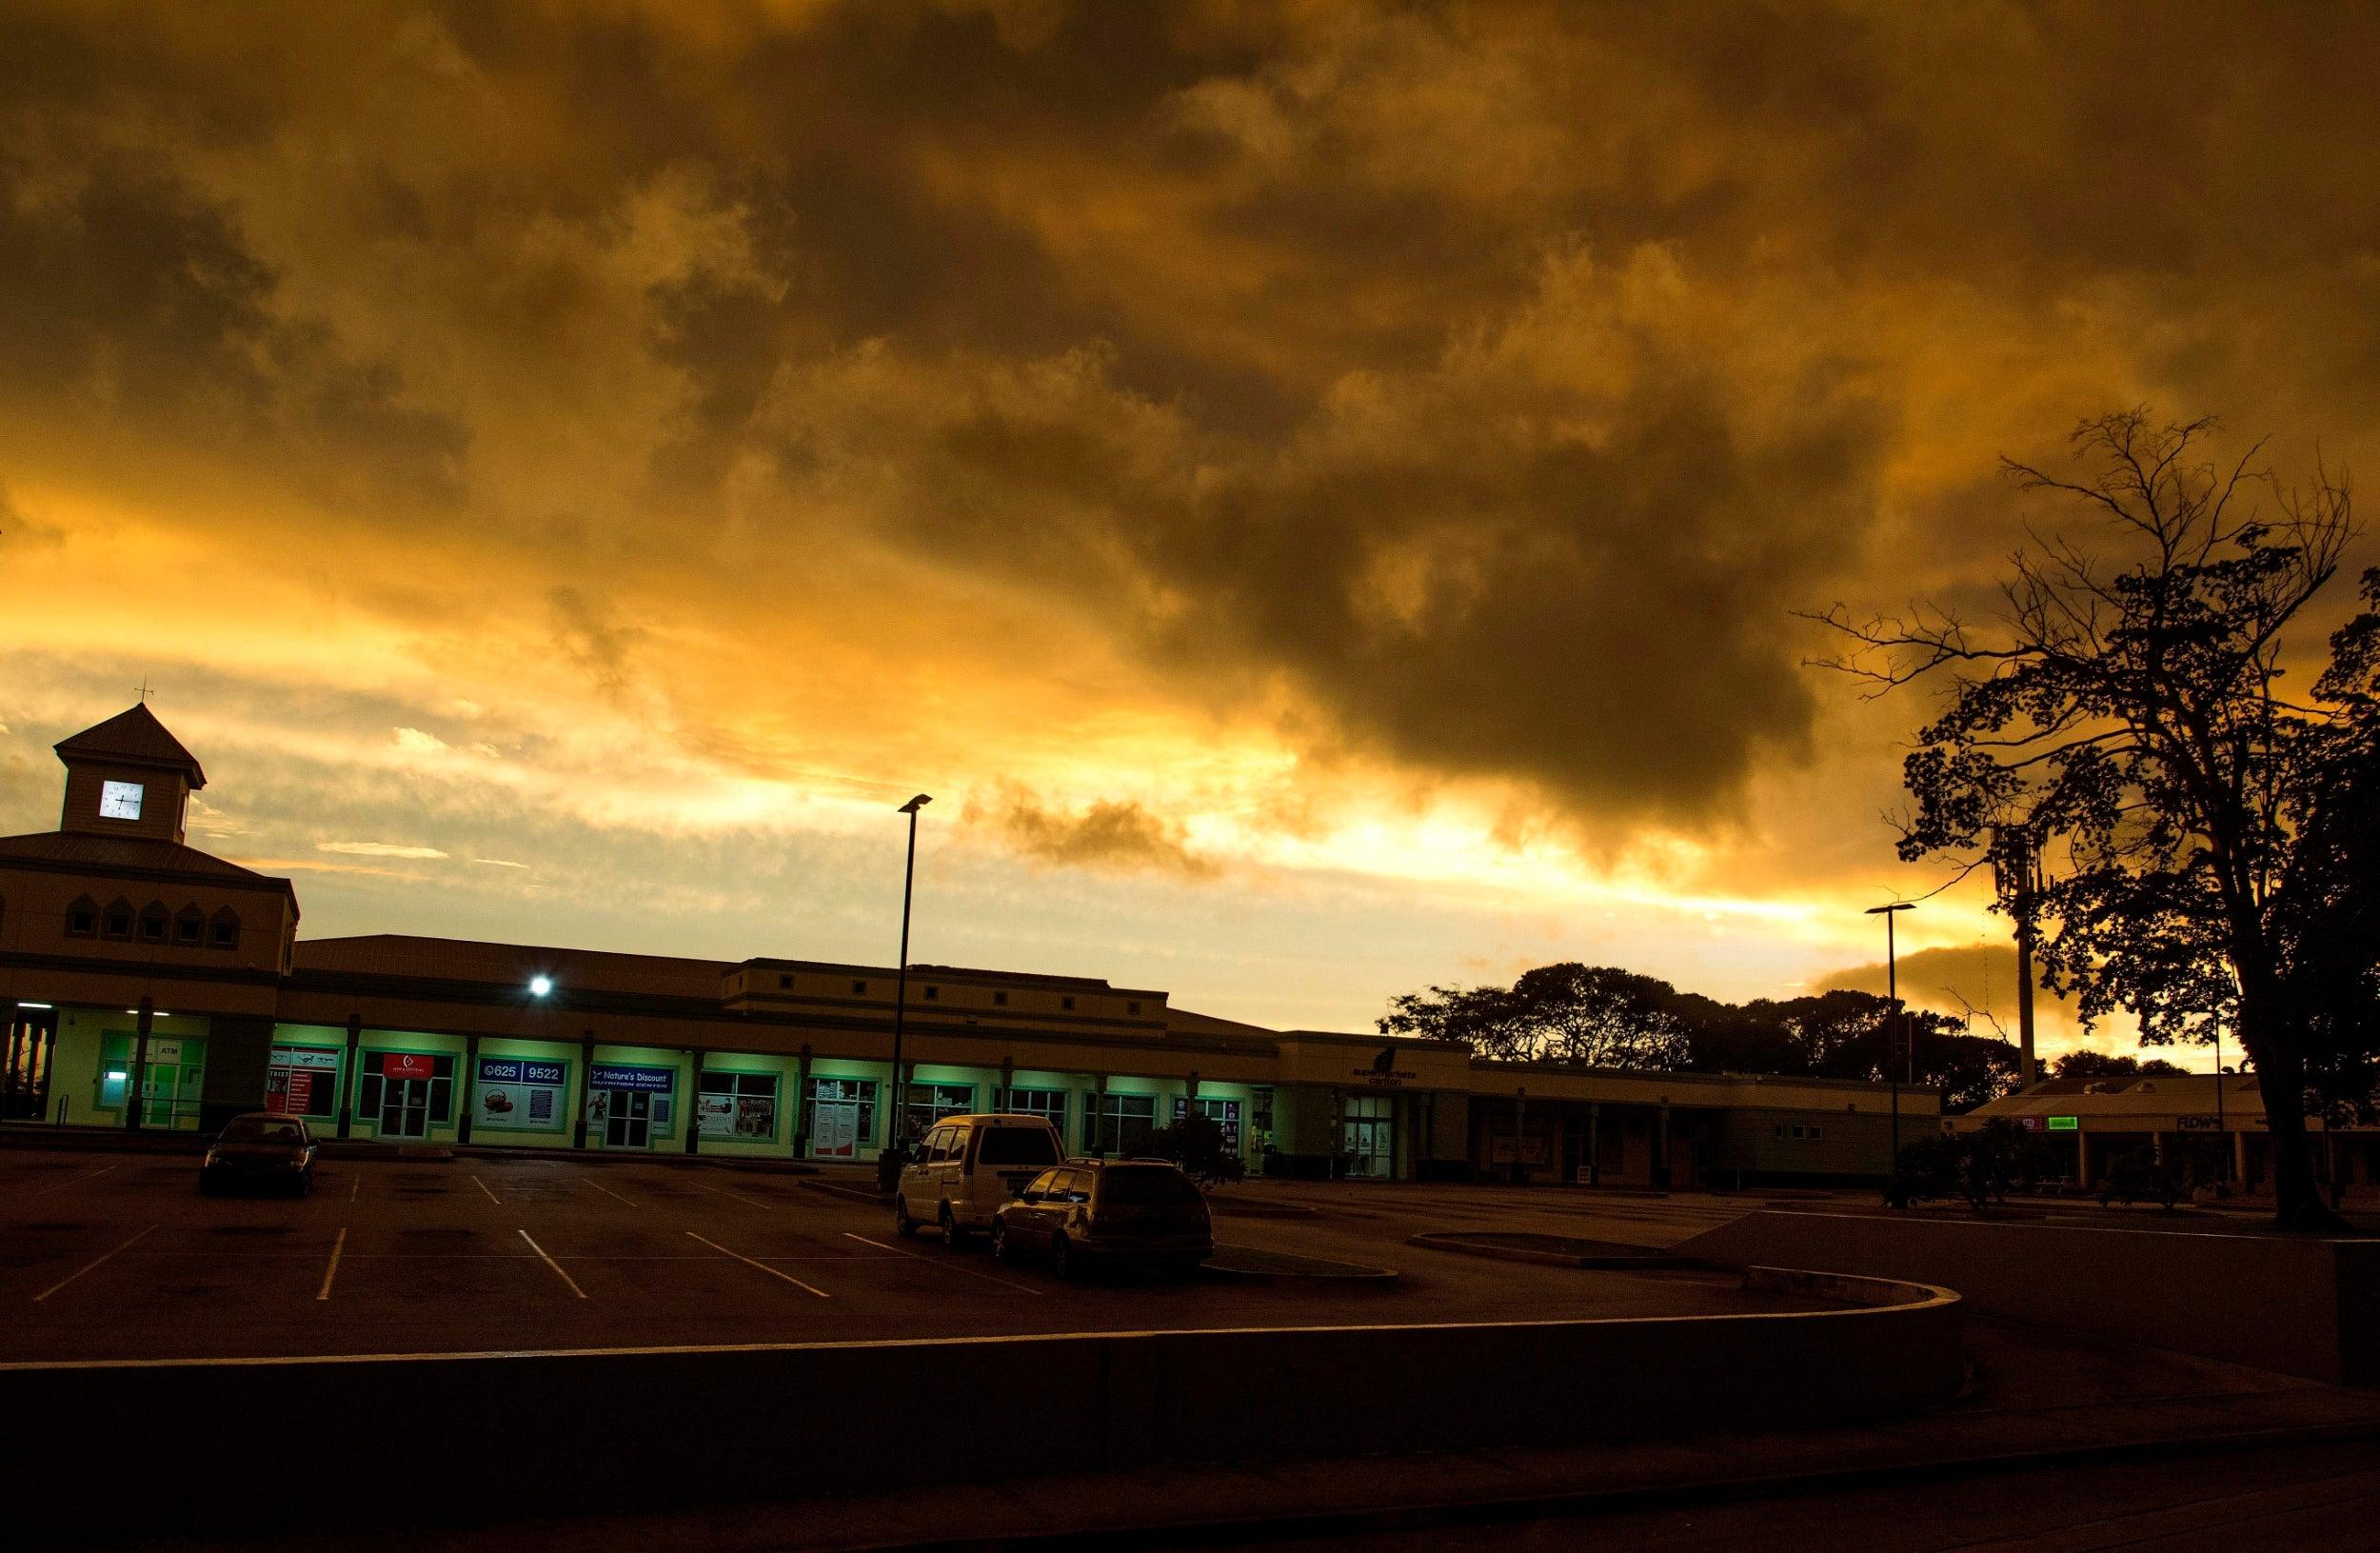 Hurricane Dorian set to pummel Florida after cutting power